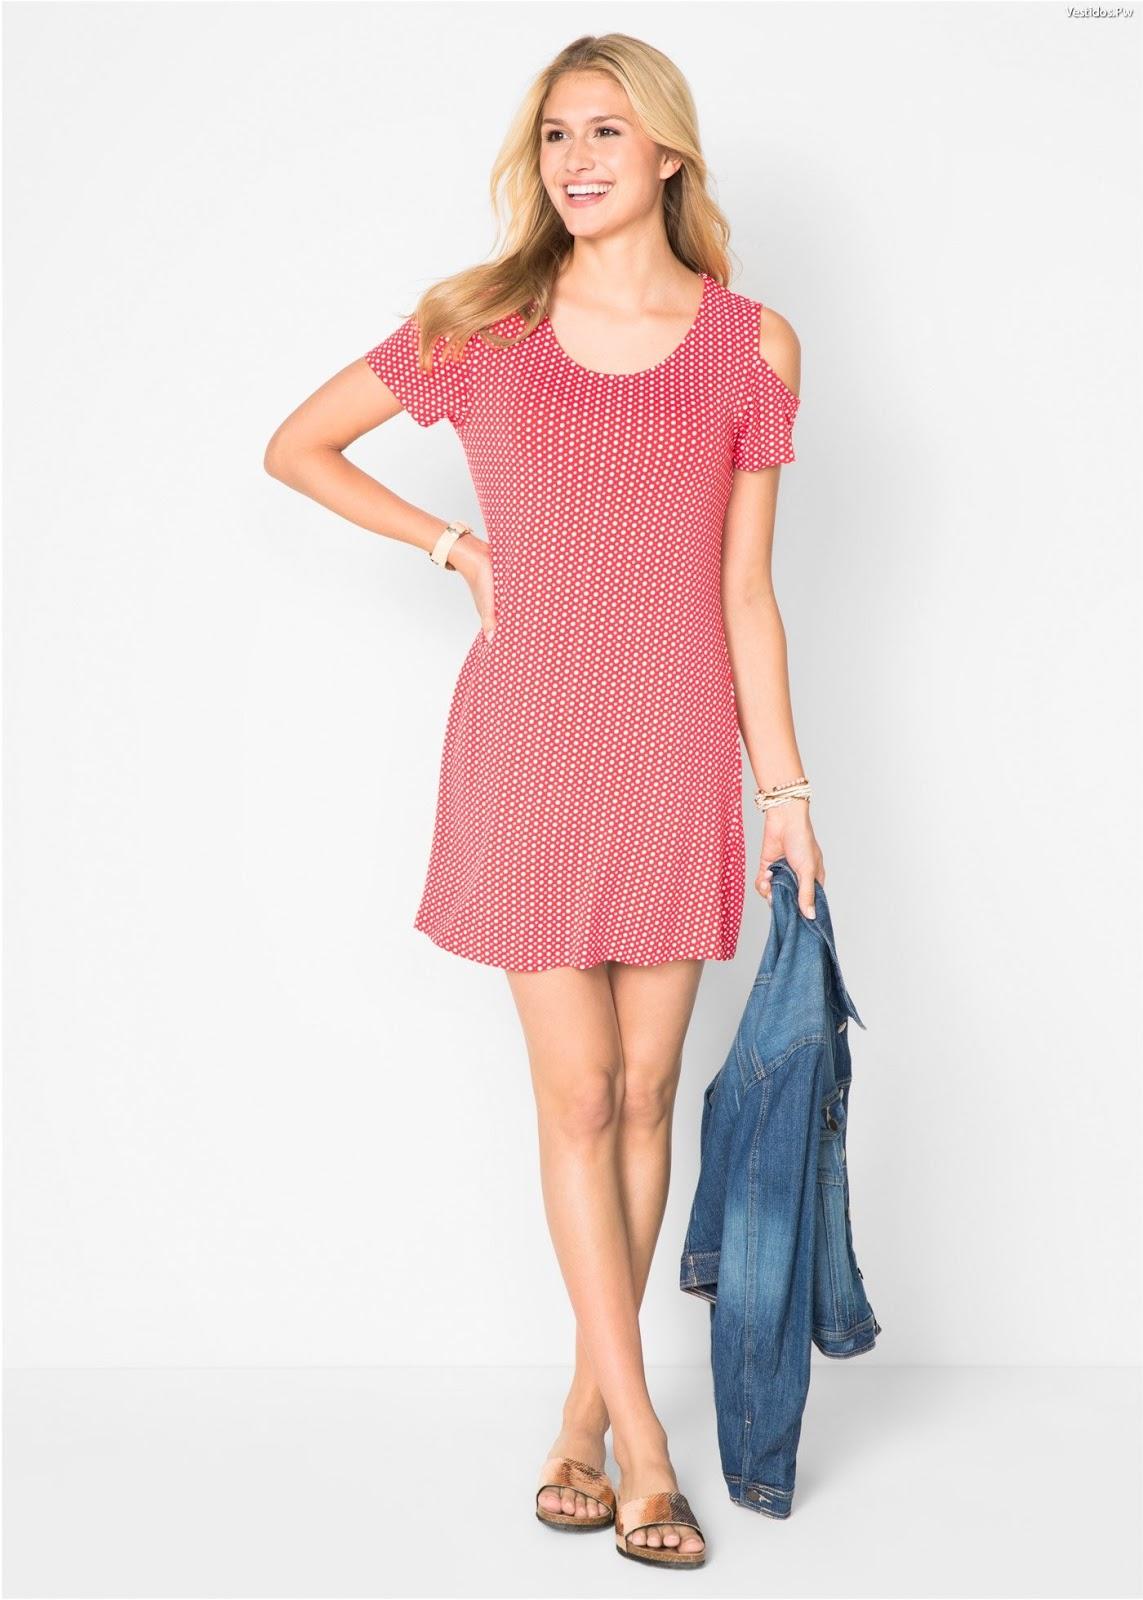 Único Tienda De Vestido De Fiesta En Nj Friso - Ideas de Vestido ...